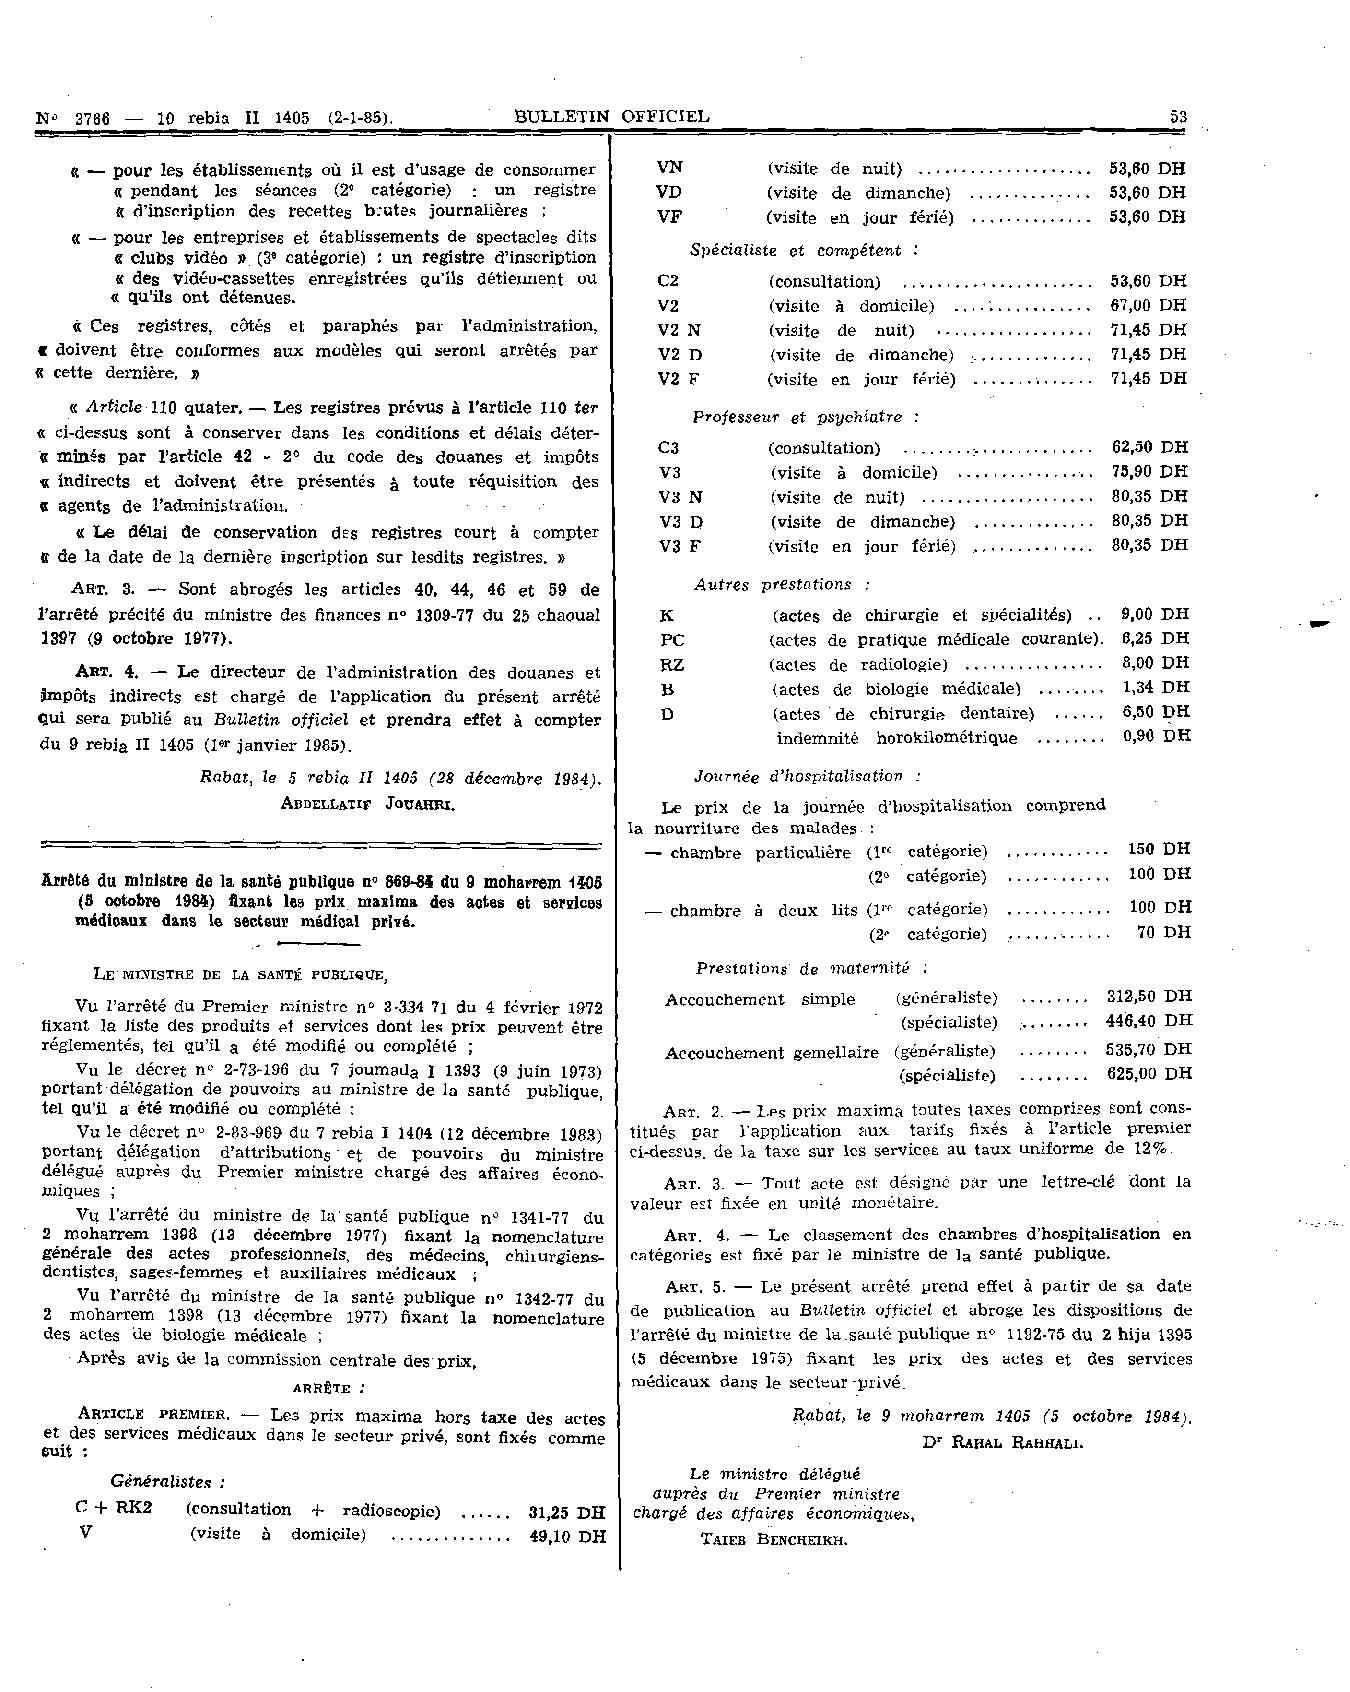 les-prix-maxima-des-acte-et-service-medicaux-dans-le-secteur-prive-053